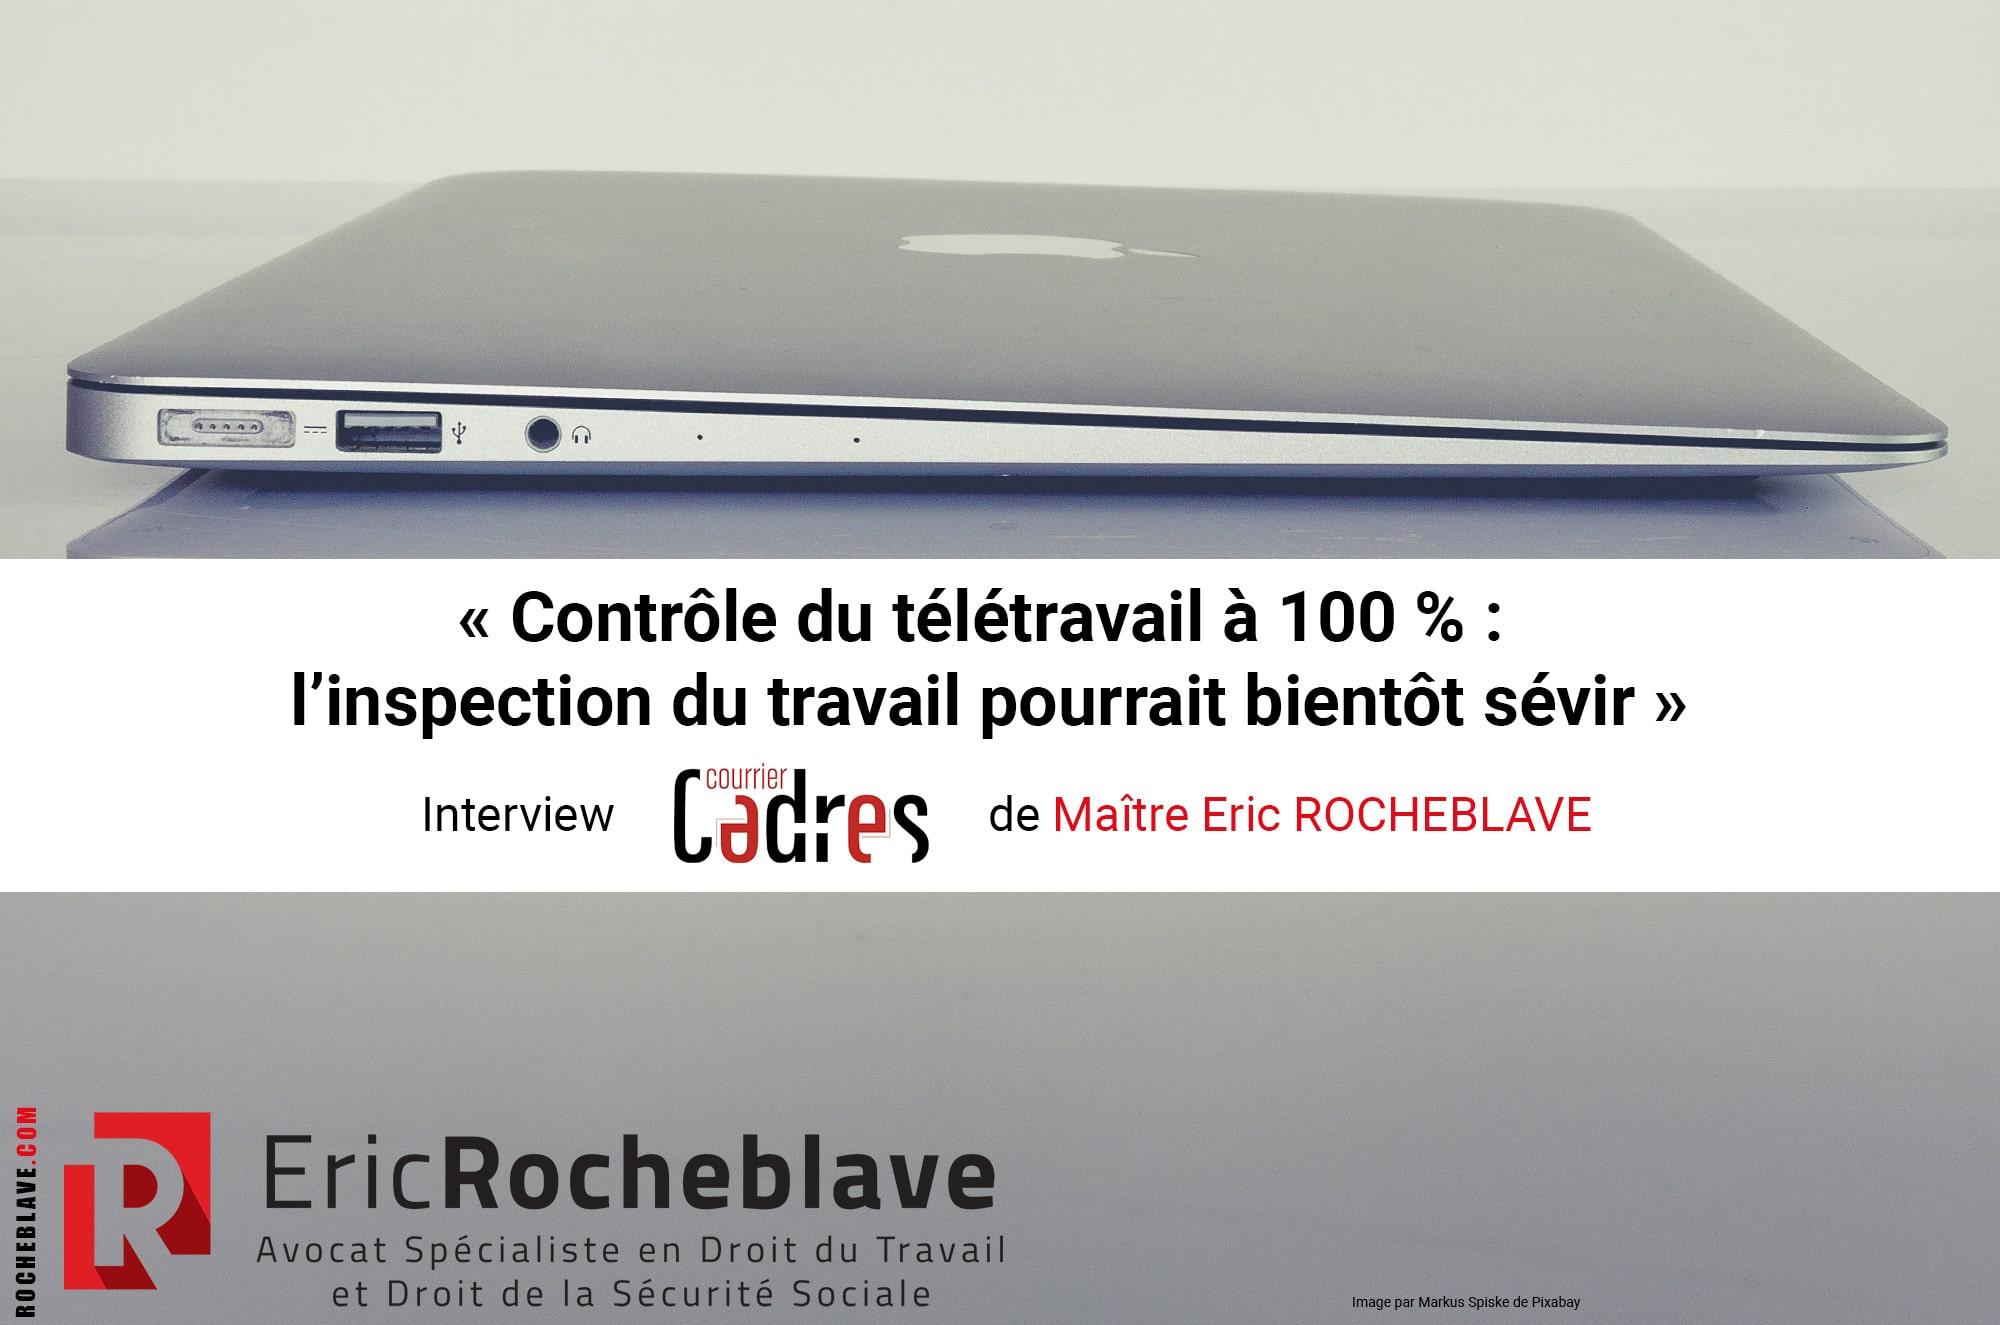 « Contrôle du télétravail à 100 % : l'inspection du travail pourrait bientôt sévir » Interview Courrier Cadres de Maître Eric ROCHEBLAVE